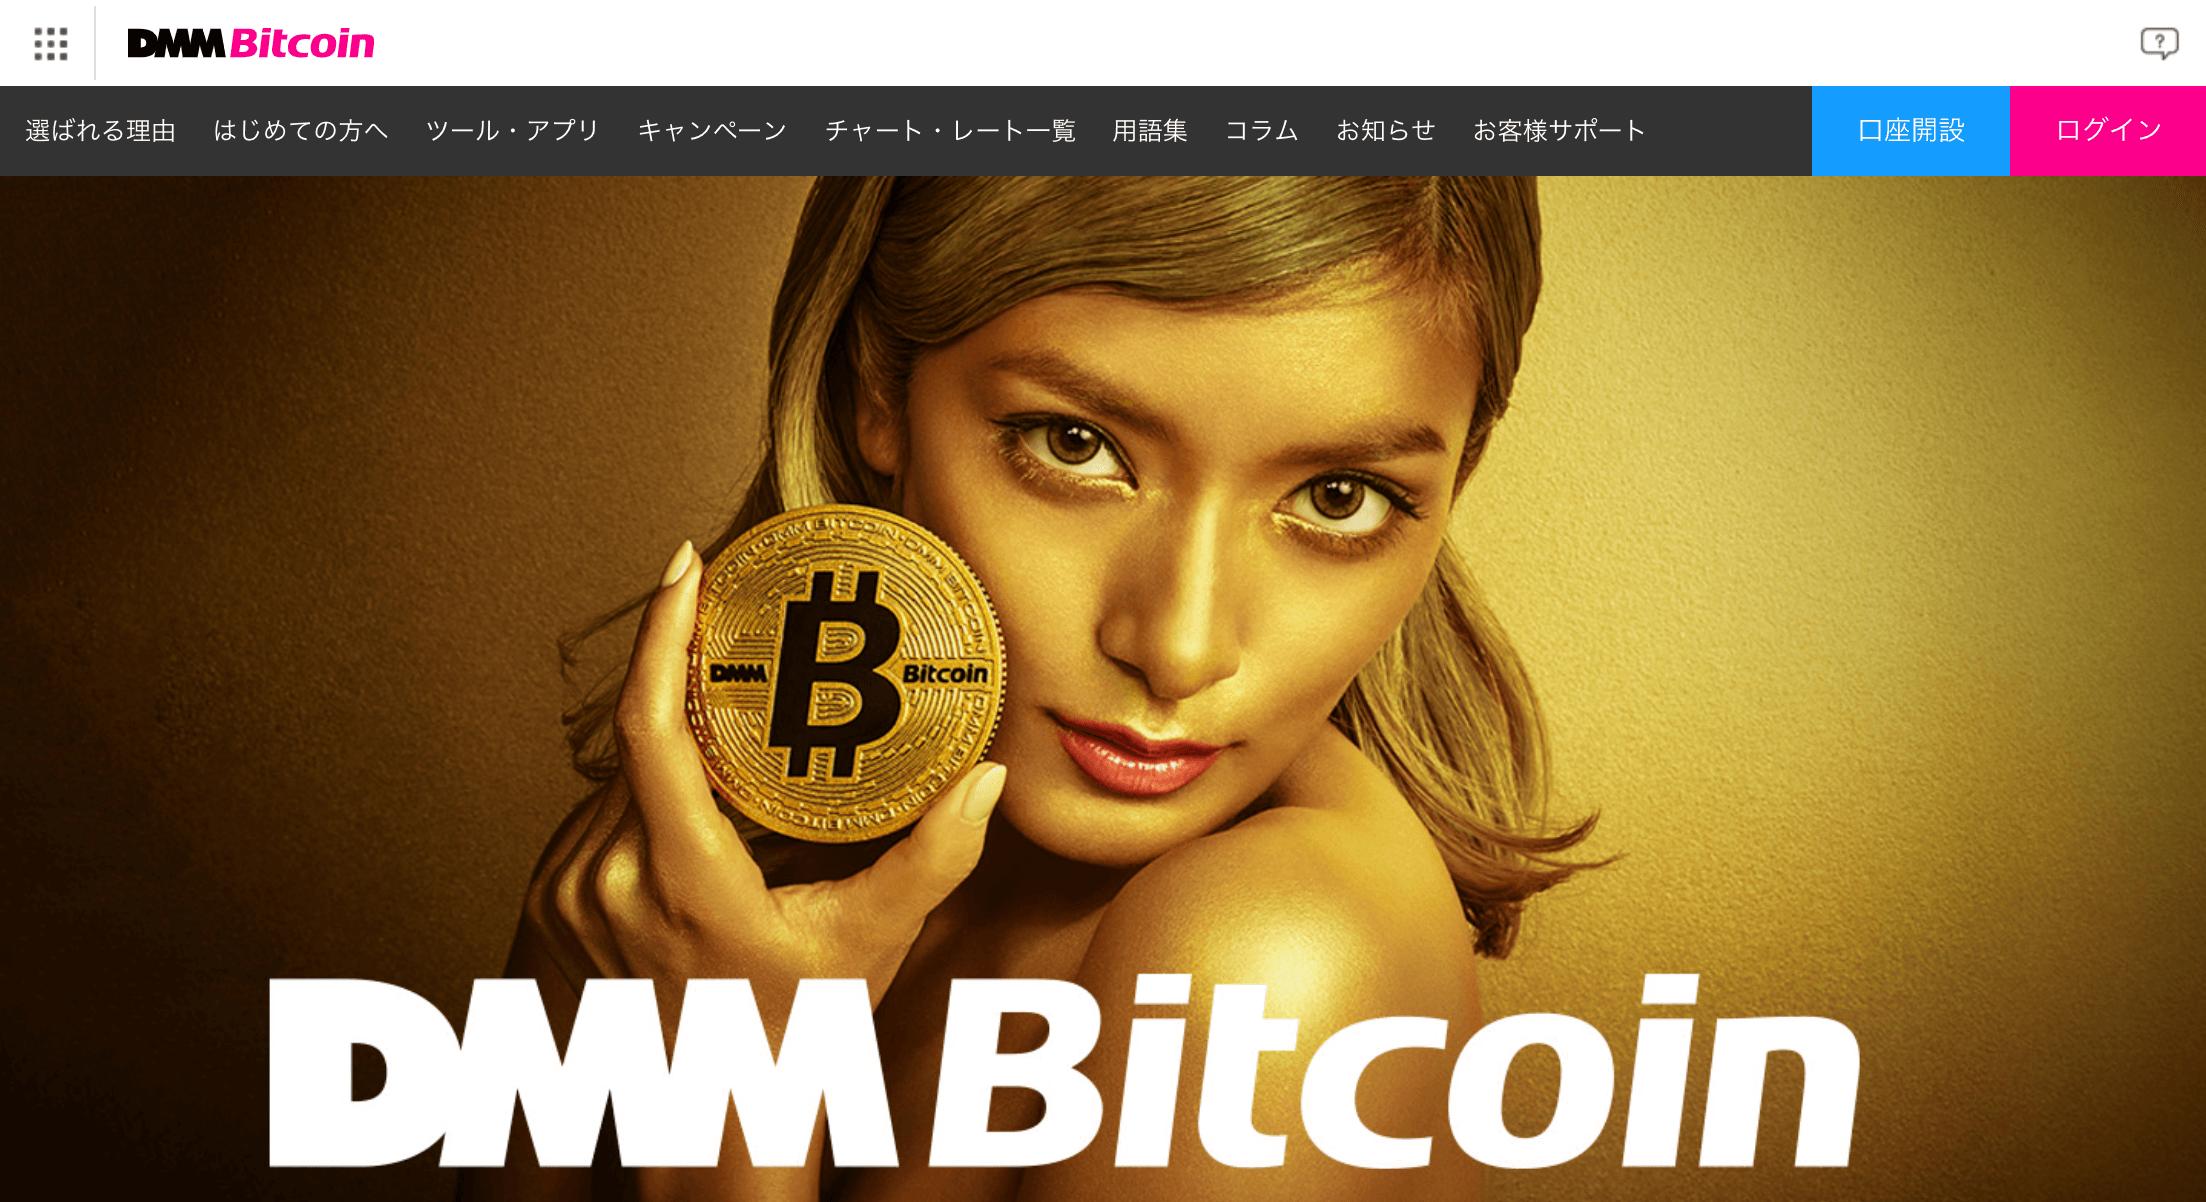 DMMビットコインの公式ページTOP画像